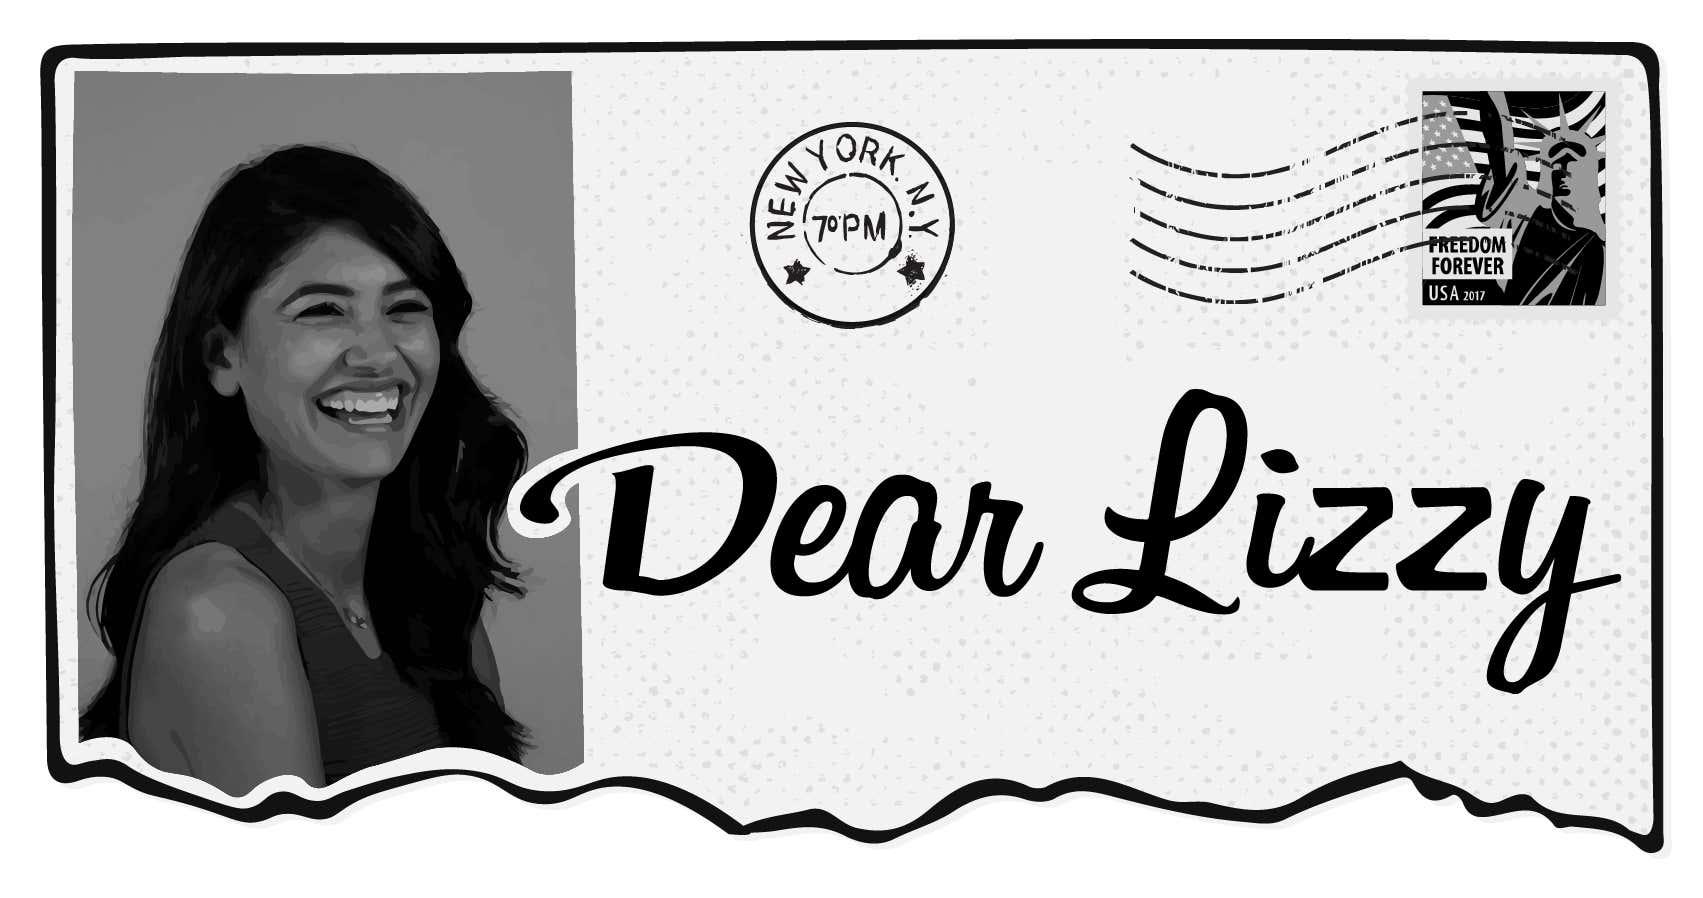 Dear-Lizzy